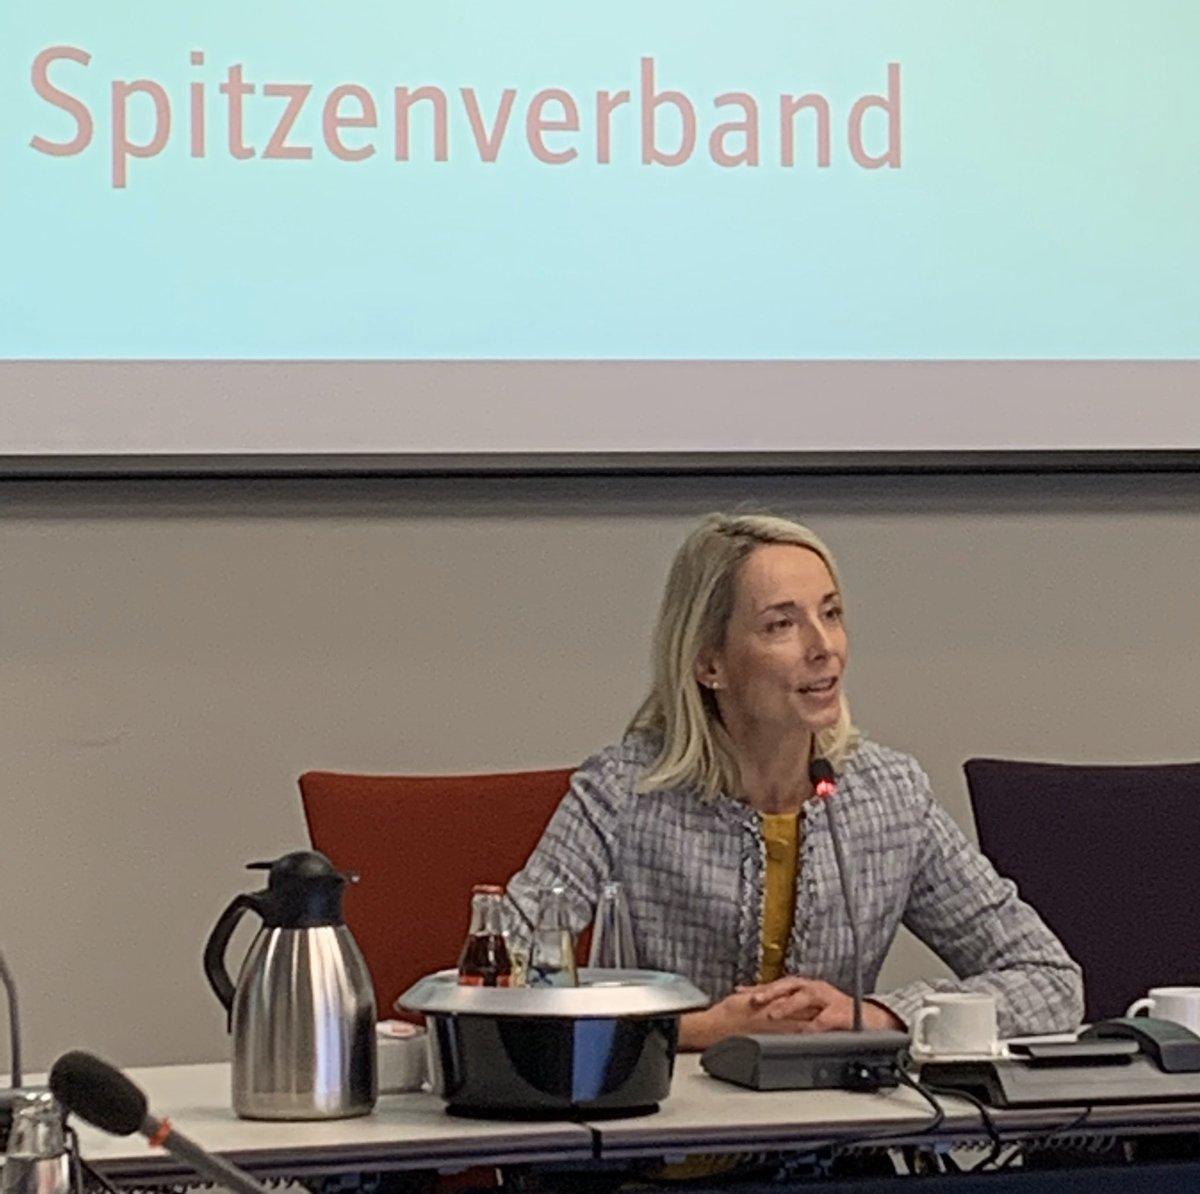 """""""Das ist heute mein Lieblingstermin."""" Stefanie #Stoff-Ahmis aus dem Vorstand des @GKV_SV jetzt beim Treffen der Pressesprecher mit @GKV_Sprecher"""